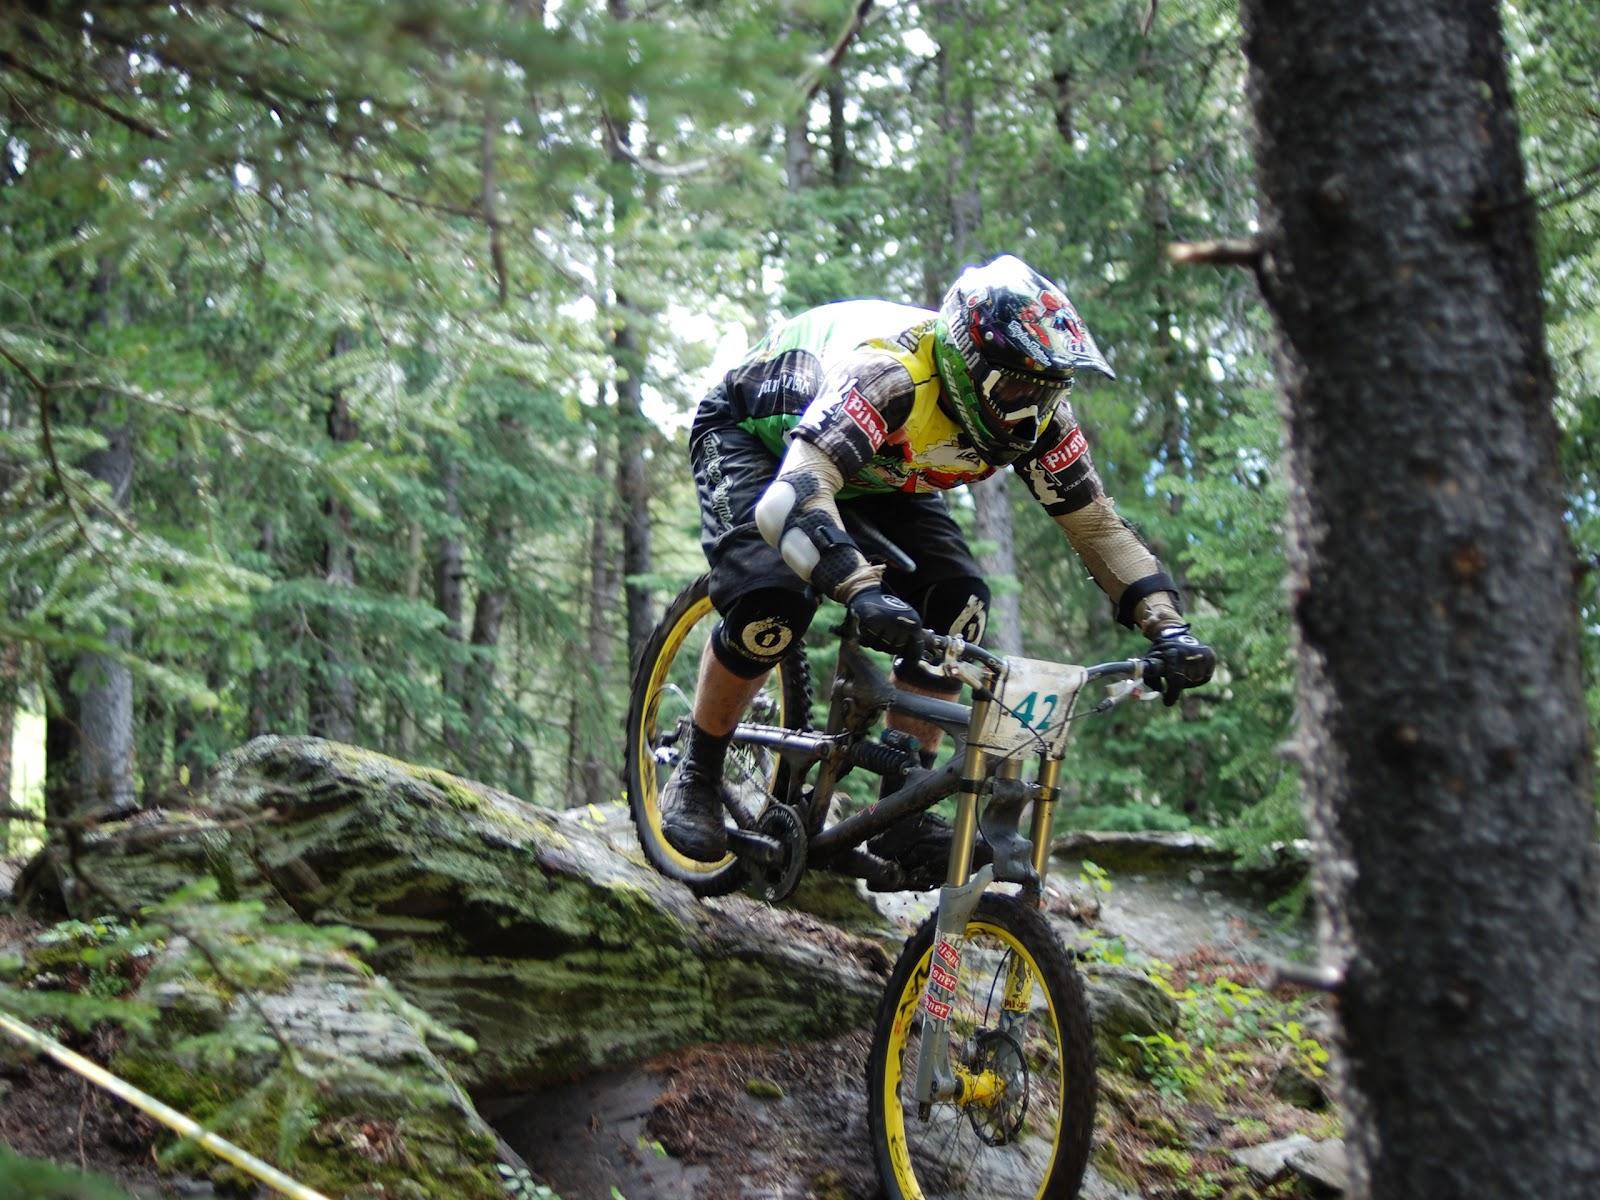 http://4.bp.blogspot.com/-Xun1Fux5spg/UBqM6PMXx6I/AAAAAAAABqU/9YIK9PdVcE8/s1600/Wallpaper_Mountain_bike.jpg